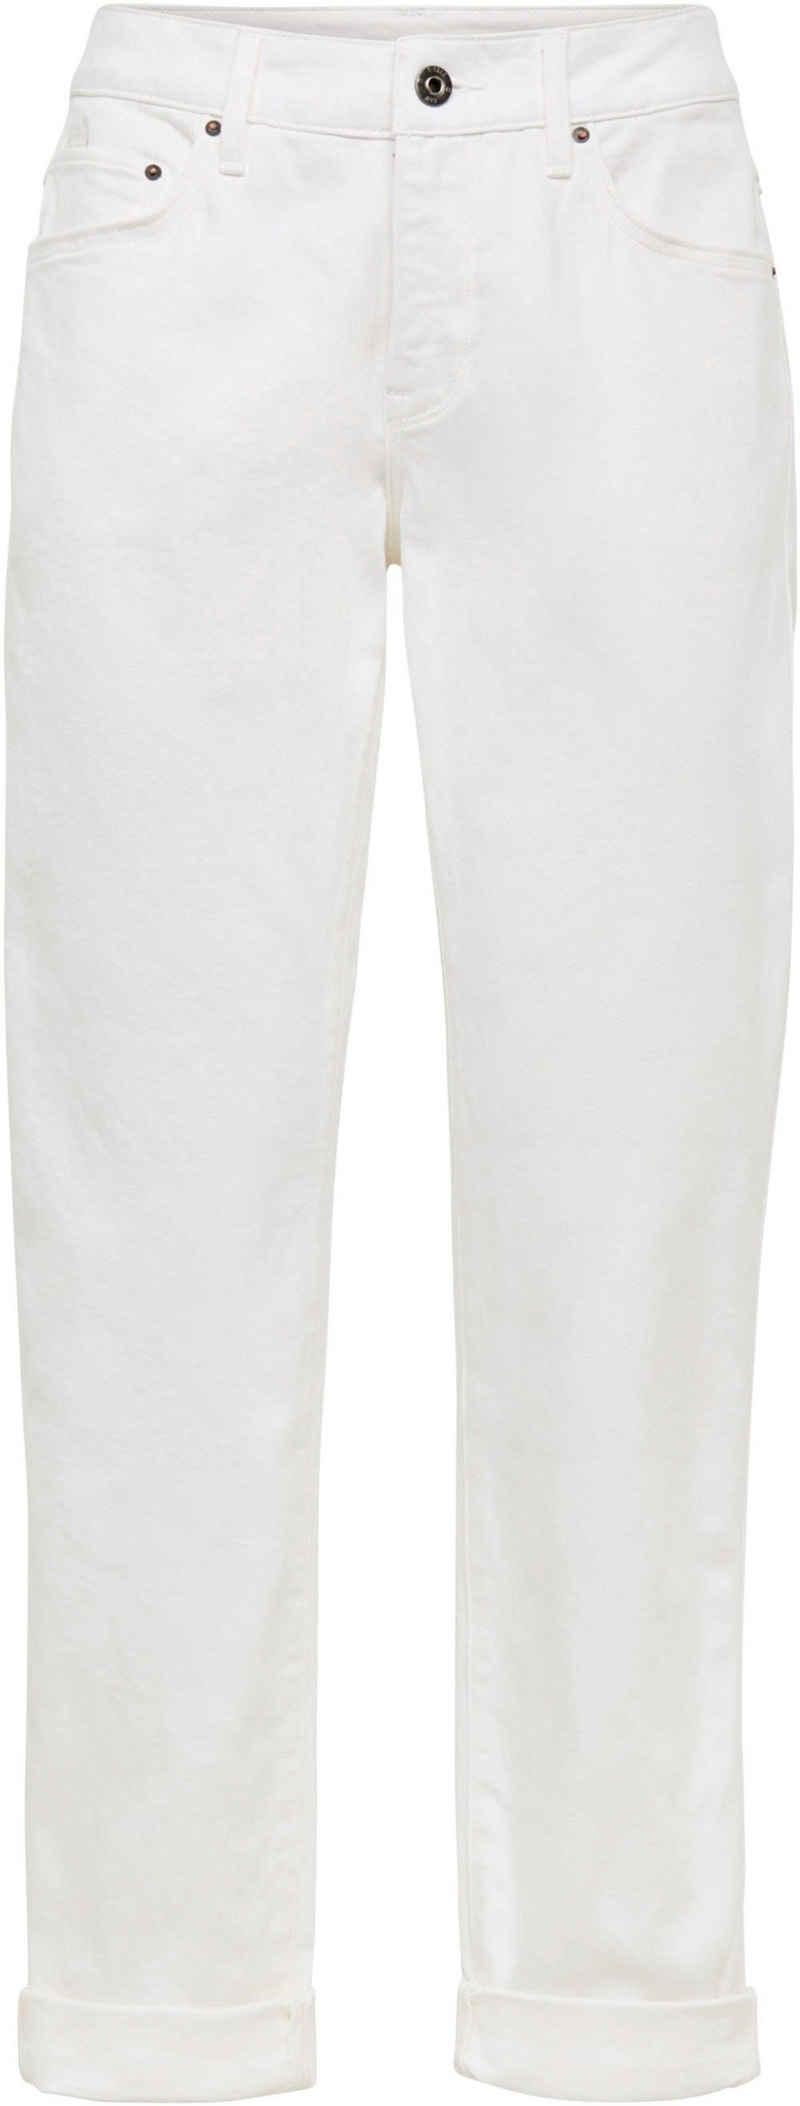 G-Star RAW Boyfriend-Jeans »Kate Boyfriend Jeans« mit umgeschlagenen Saum ist der Style perfekt